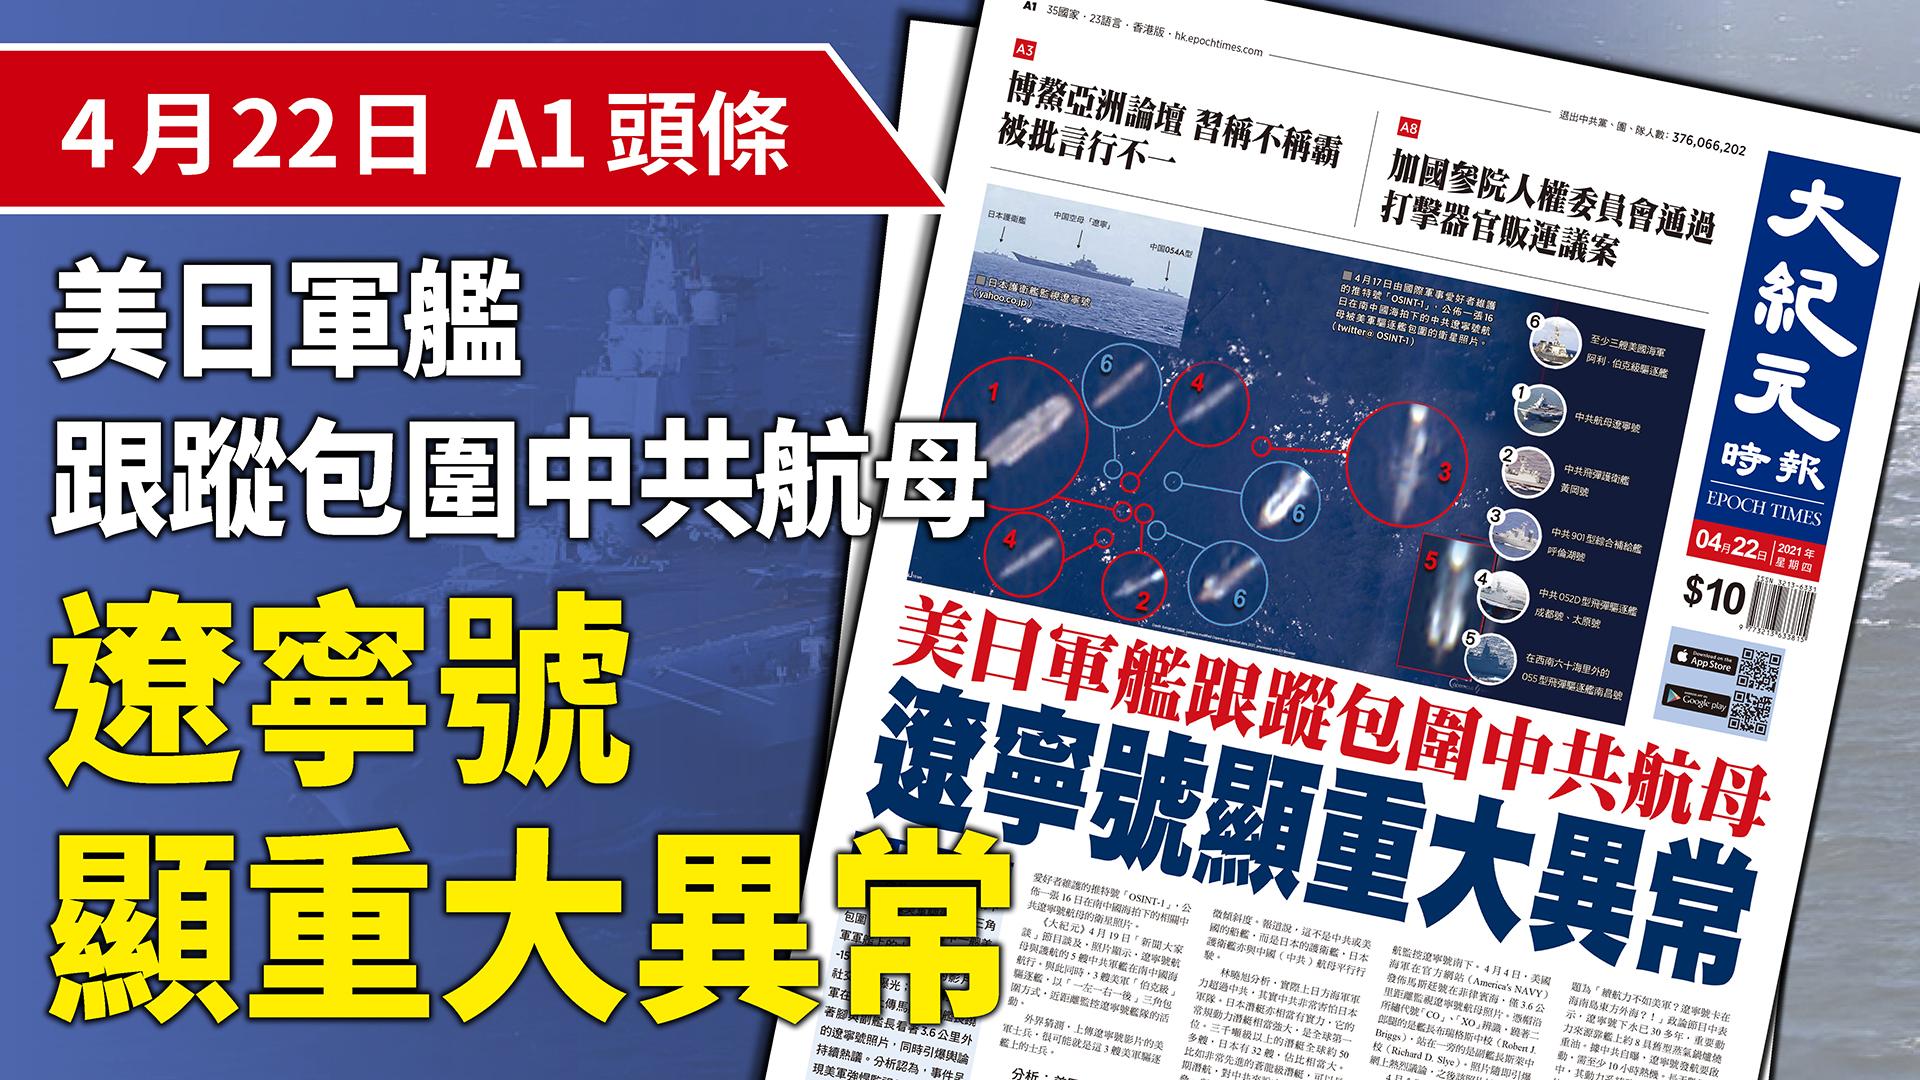 4月17日由國際軍事愛好者維護 的推特號「OSINT-1」,公佈一張16 日在南中國海拍下的中共遼寧號航 母被美軍驅逐艦包圍的衛星照片。 (大紀元製圖)